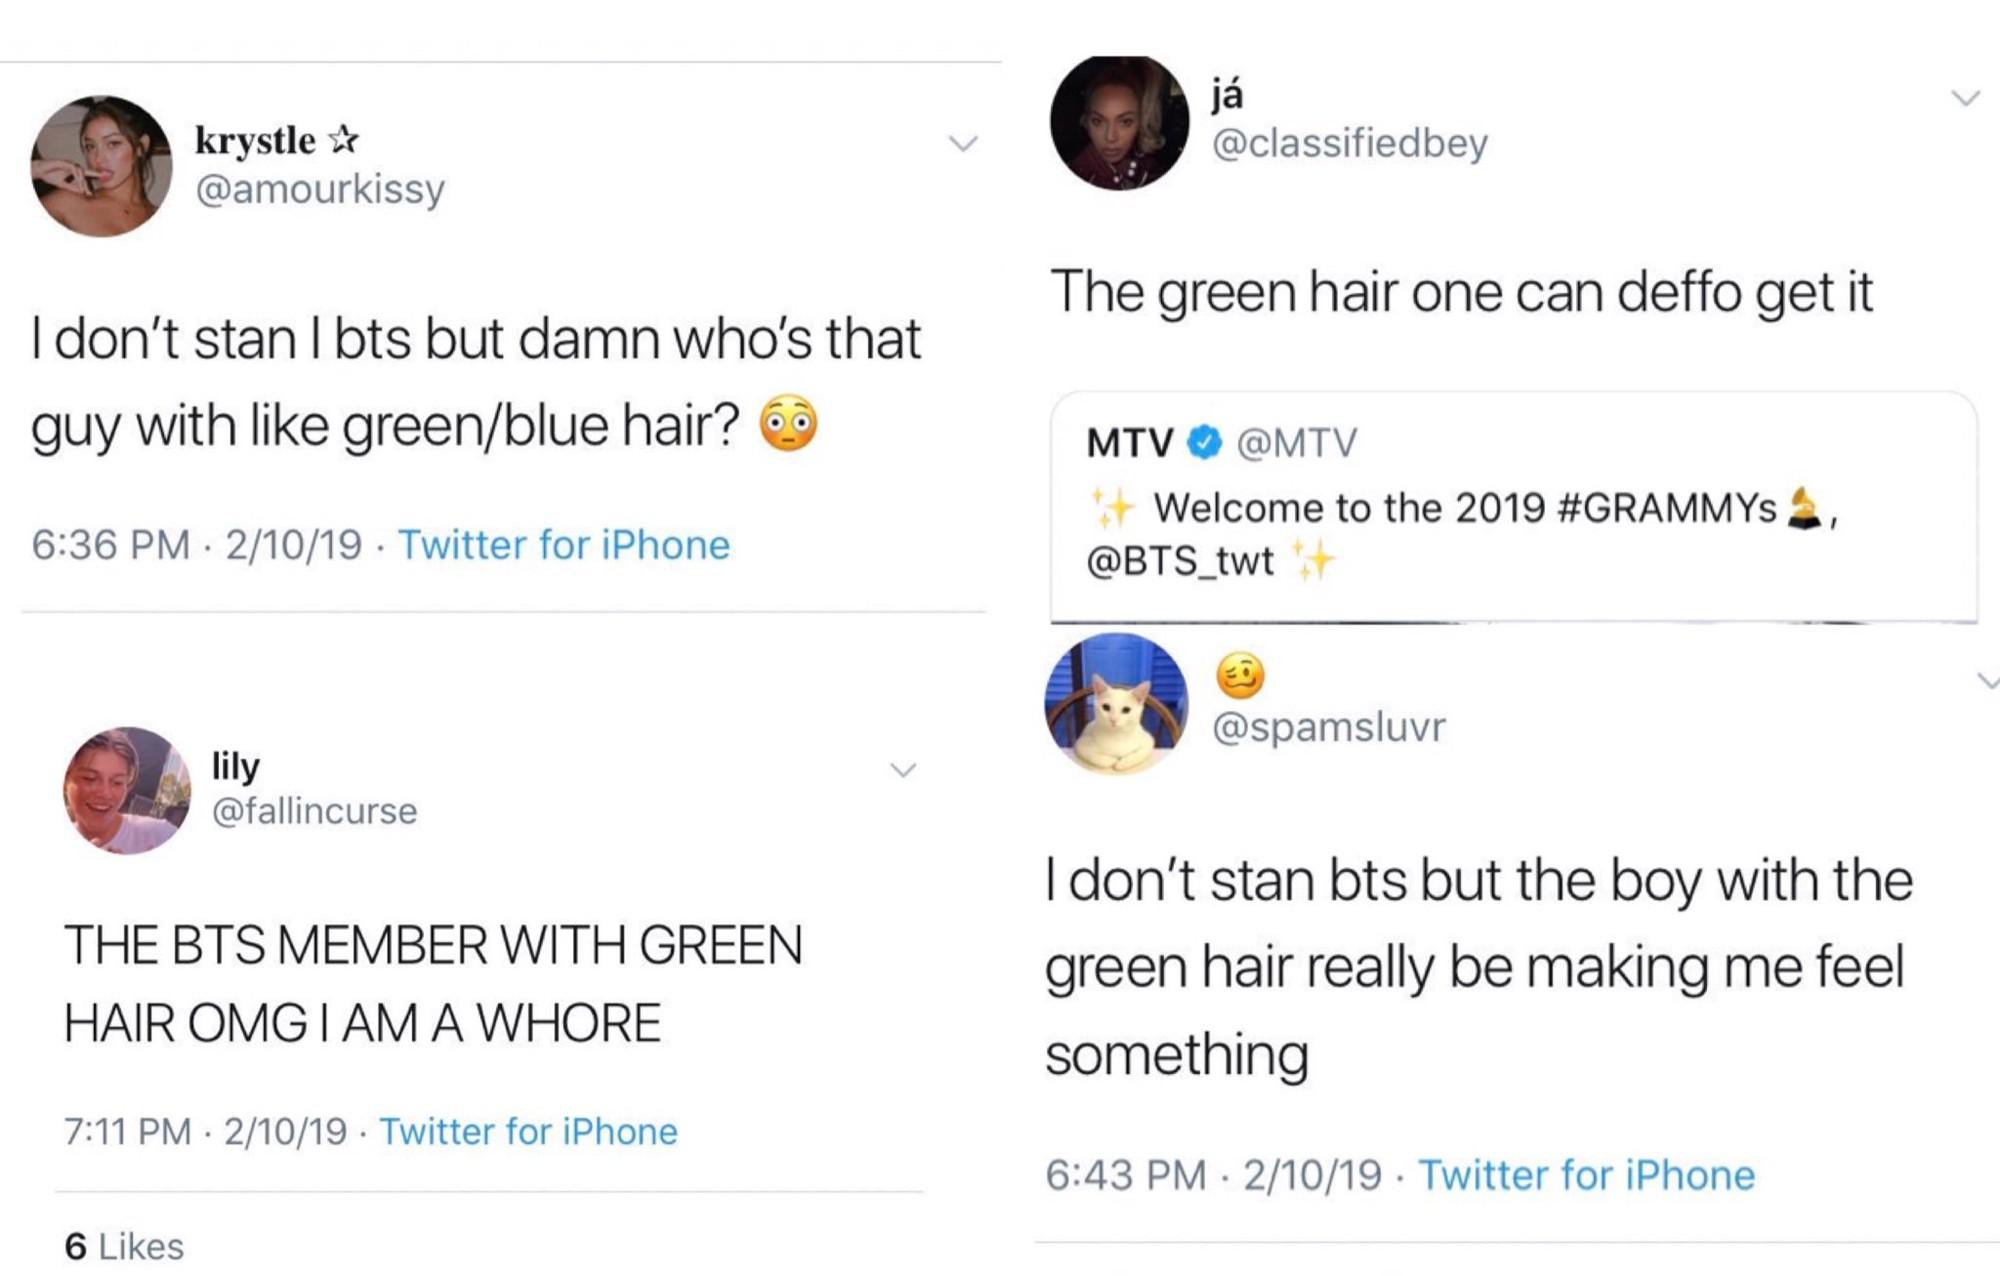 Chùm ảnh: Khoảnh khắc xuất thần của V (BTS) ở Grammy khiến dân tình phải thốt lên Chàng trai với mái tóc xanh lá là ai vậy? - Ảnh 4.